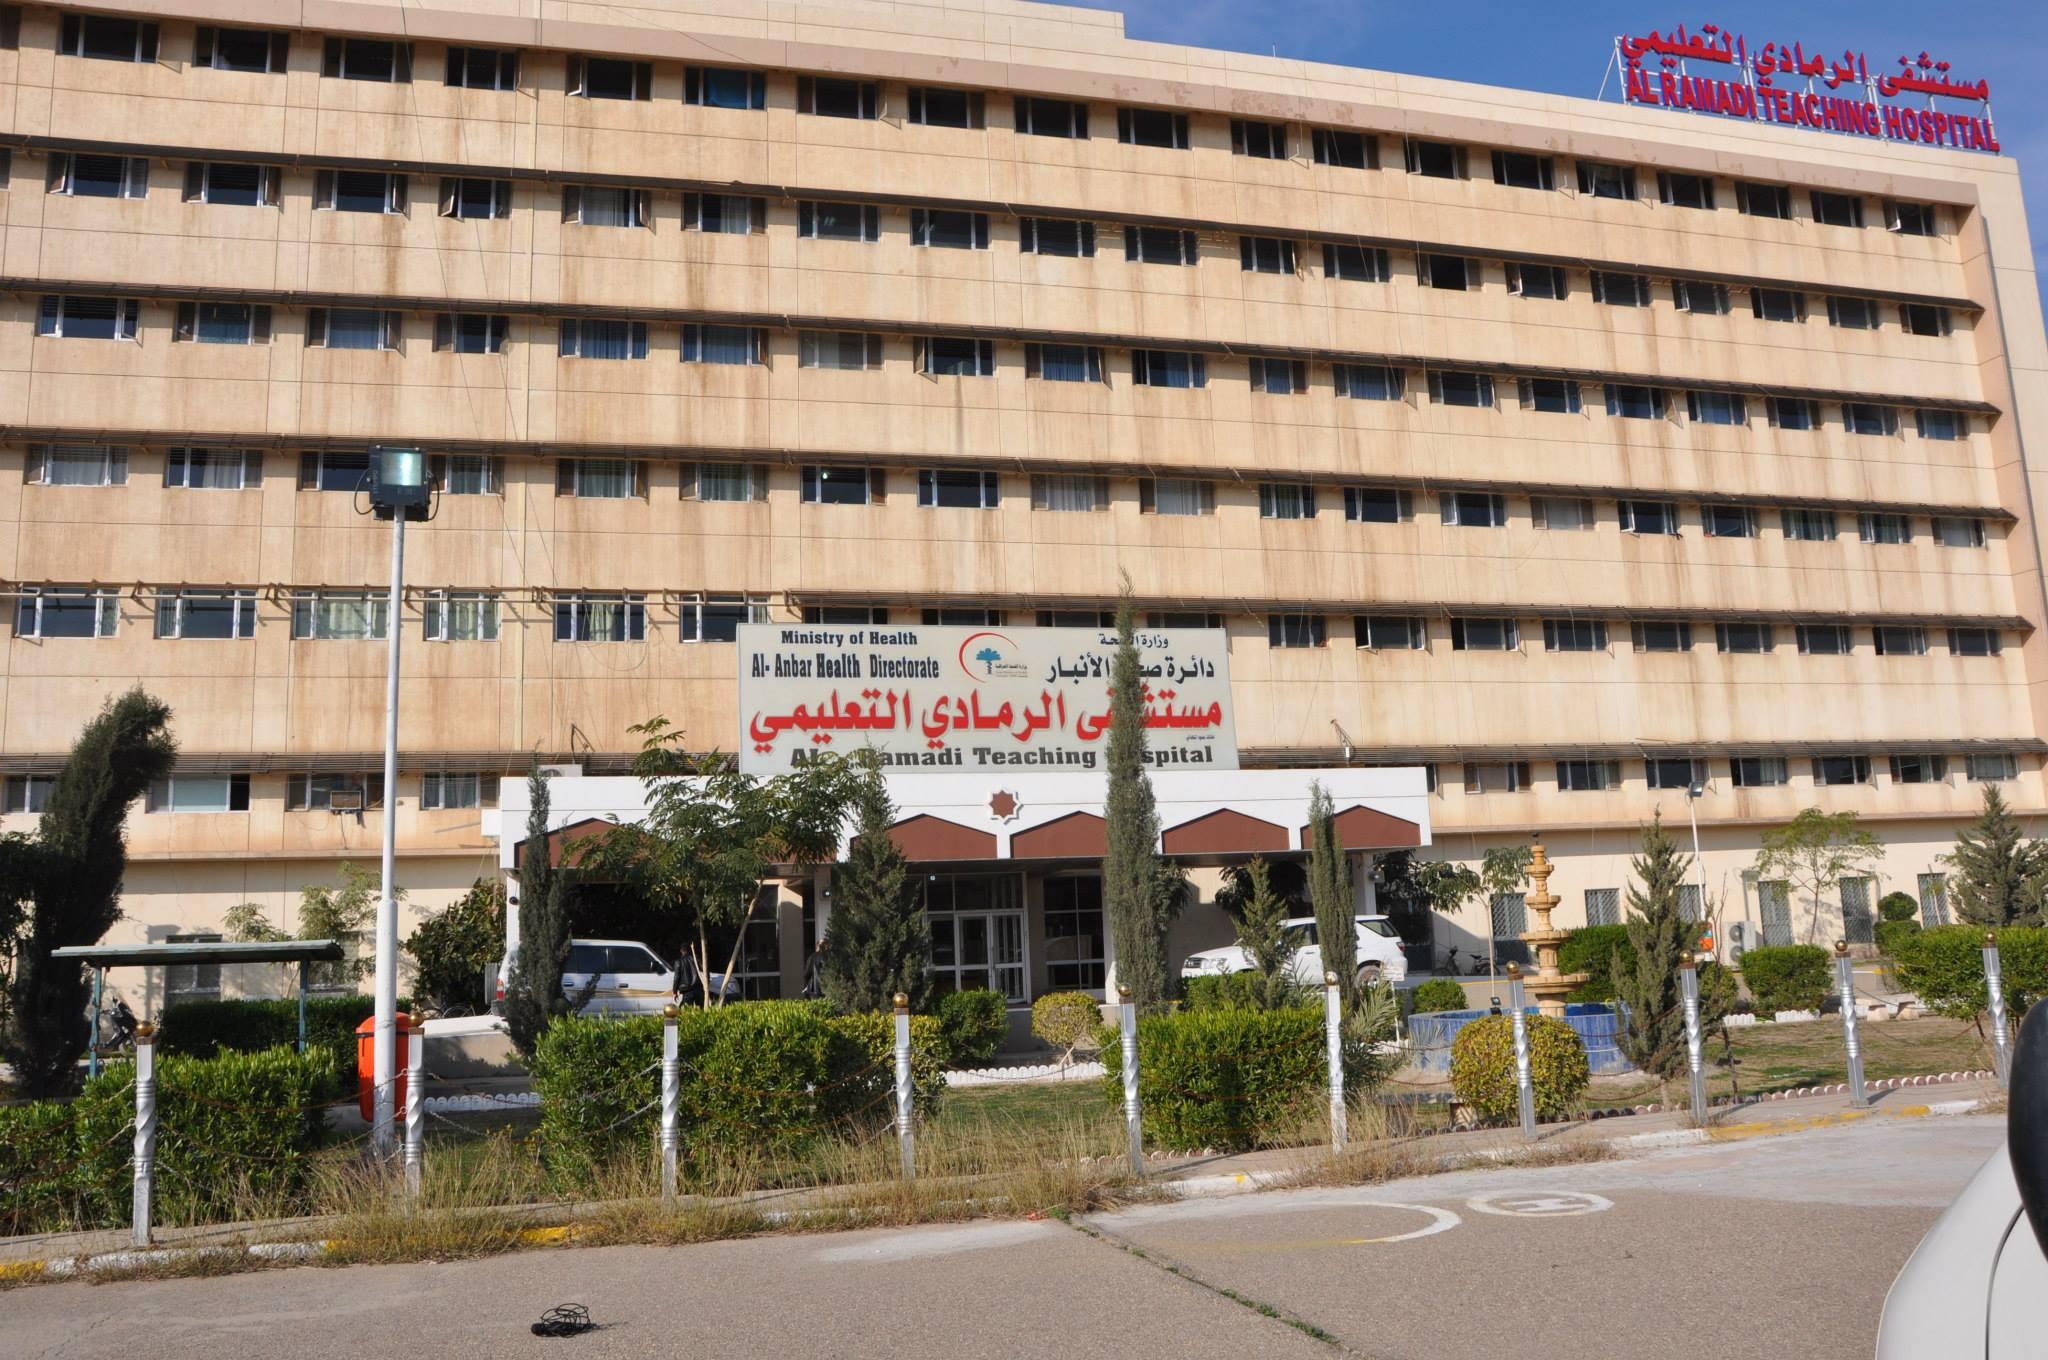 دعم مستشفى الرمادي التعليمي بمبلغ مائة مليون دينار